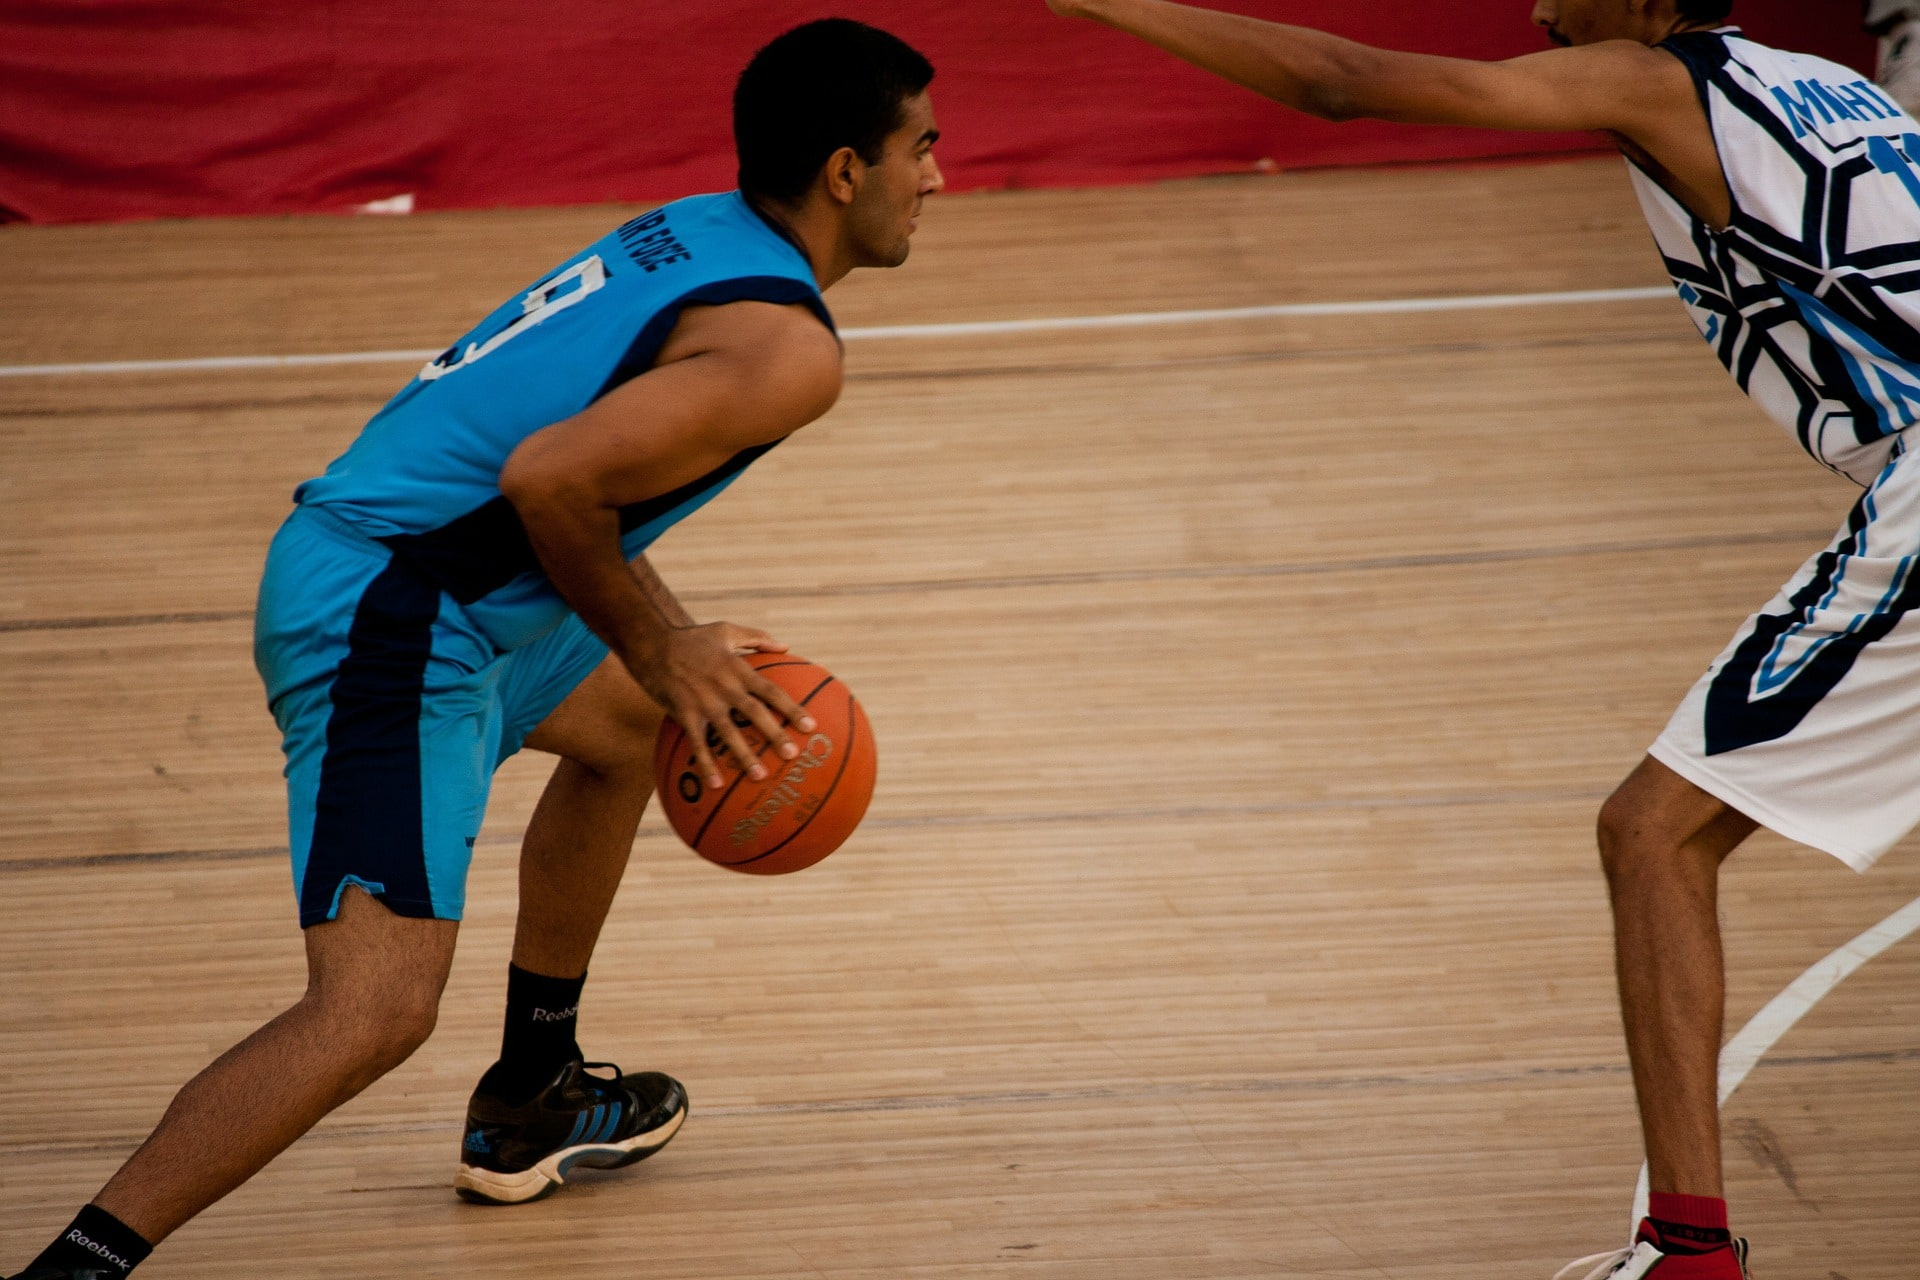 basketball 167036 1920